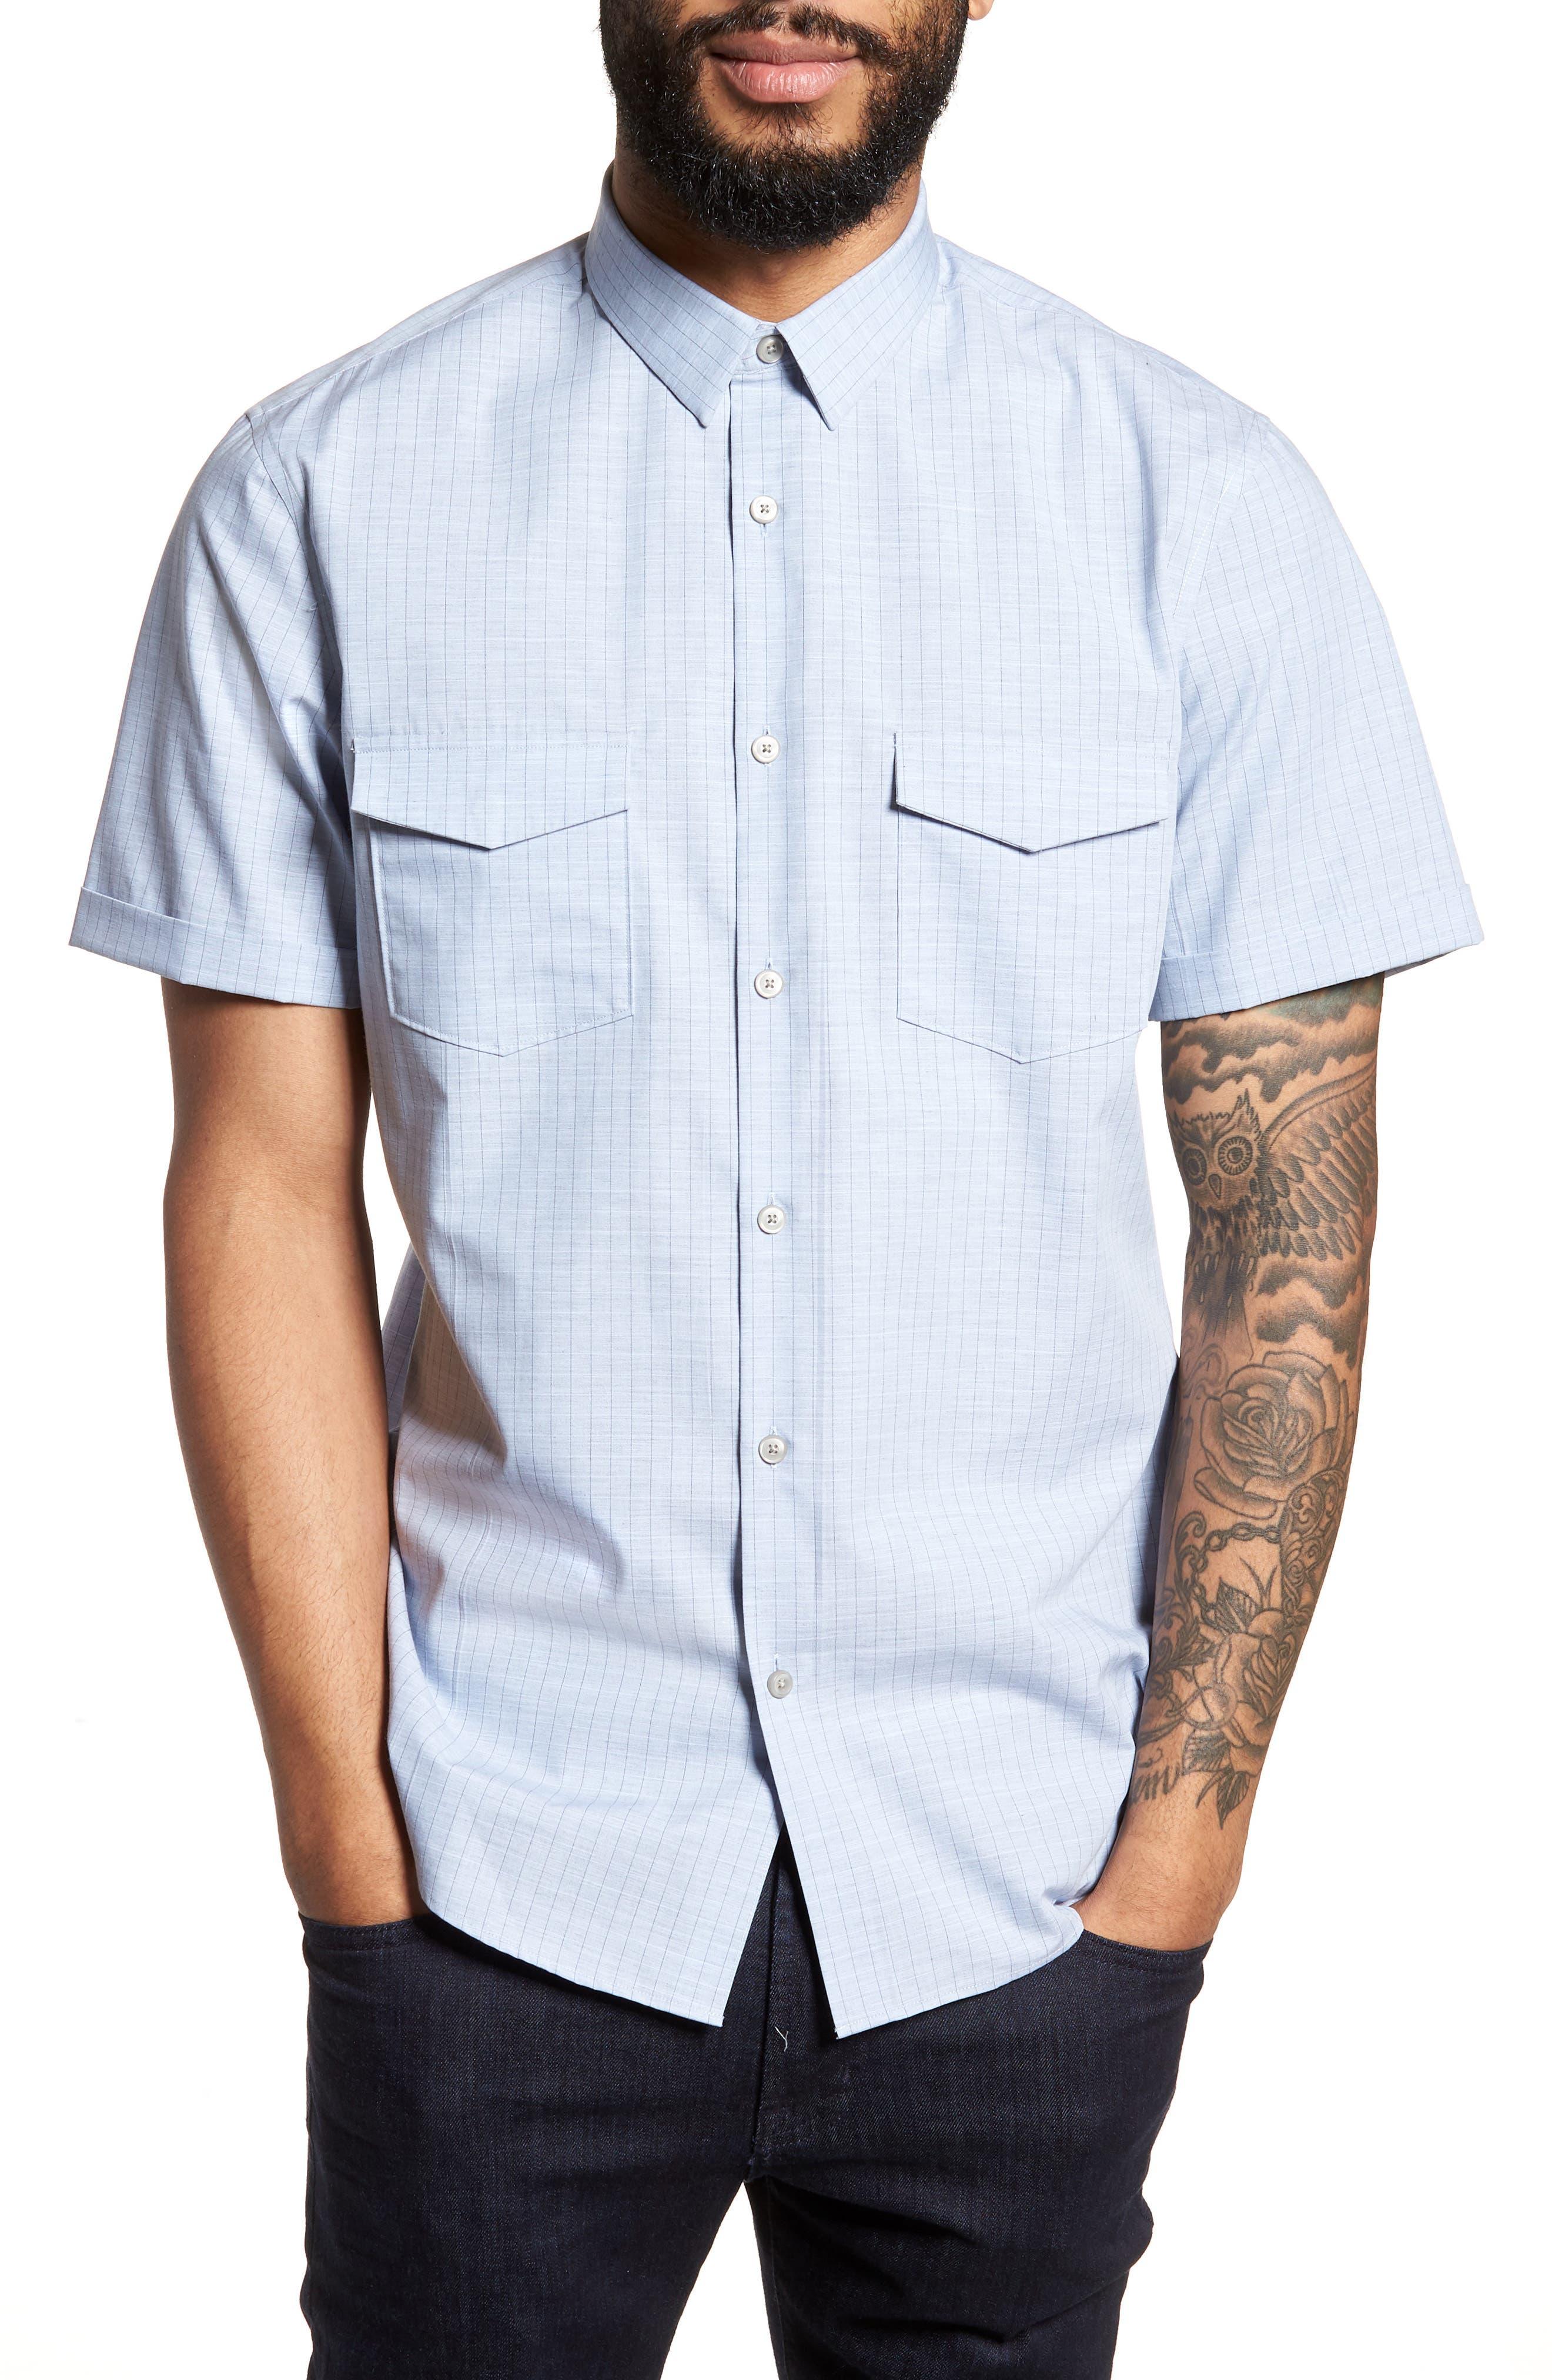 Grid Pocket Sport Shirt,                         Main,                         color, Blue Brunnera Heather Grid